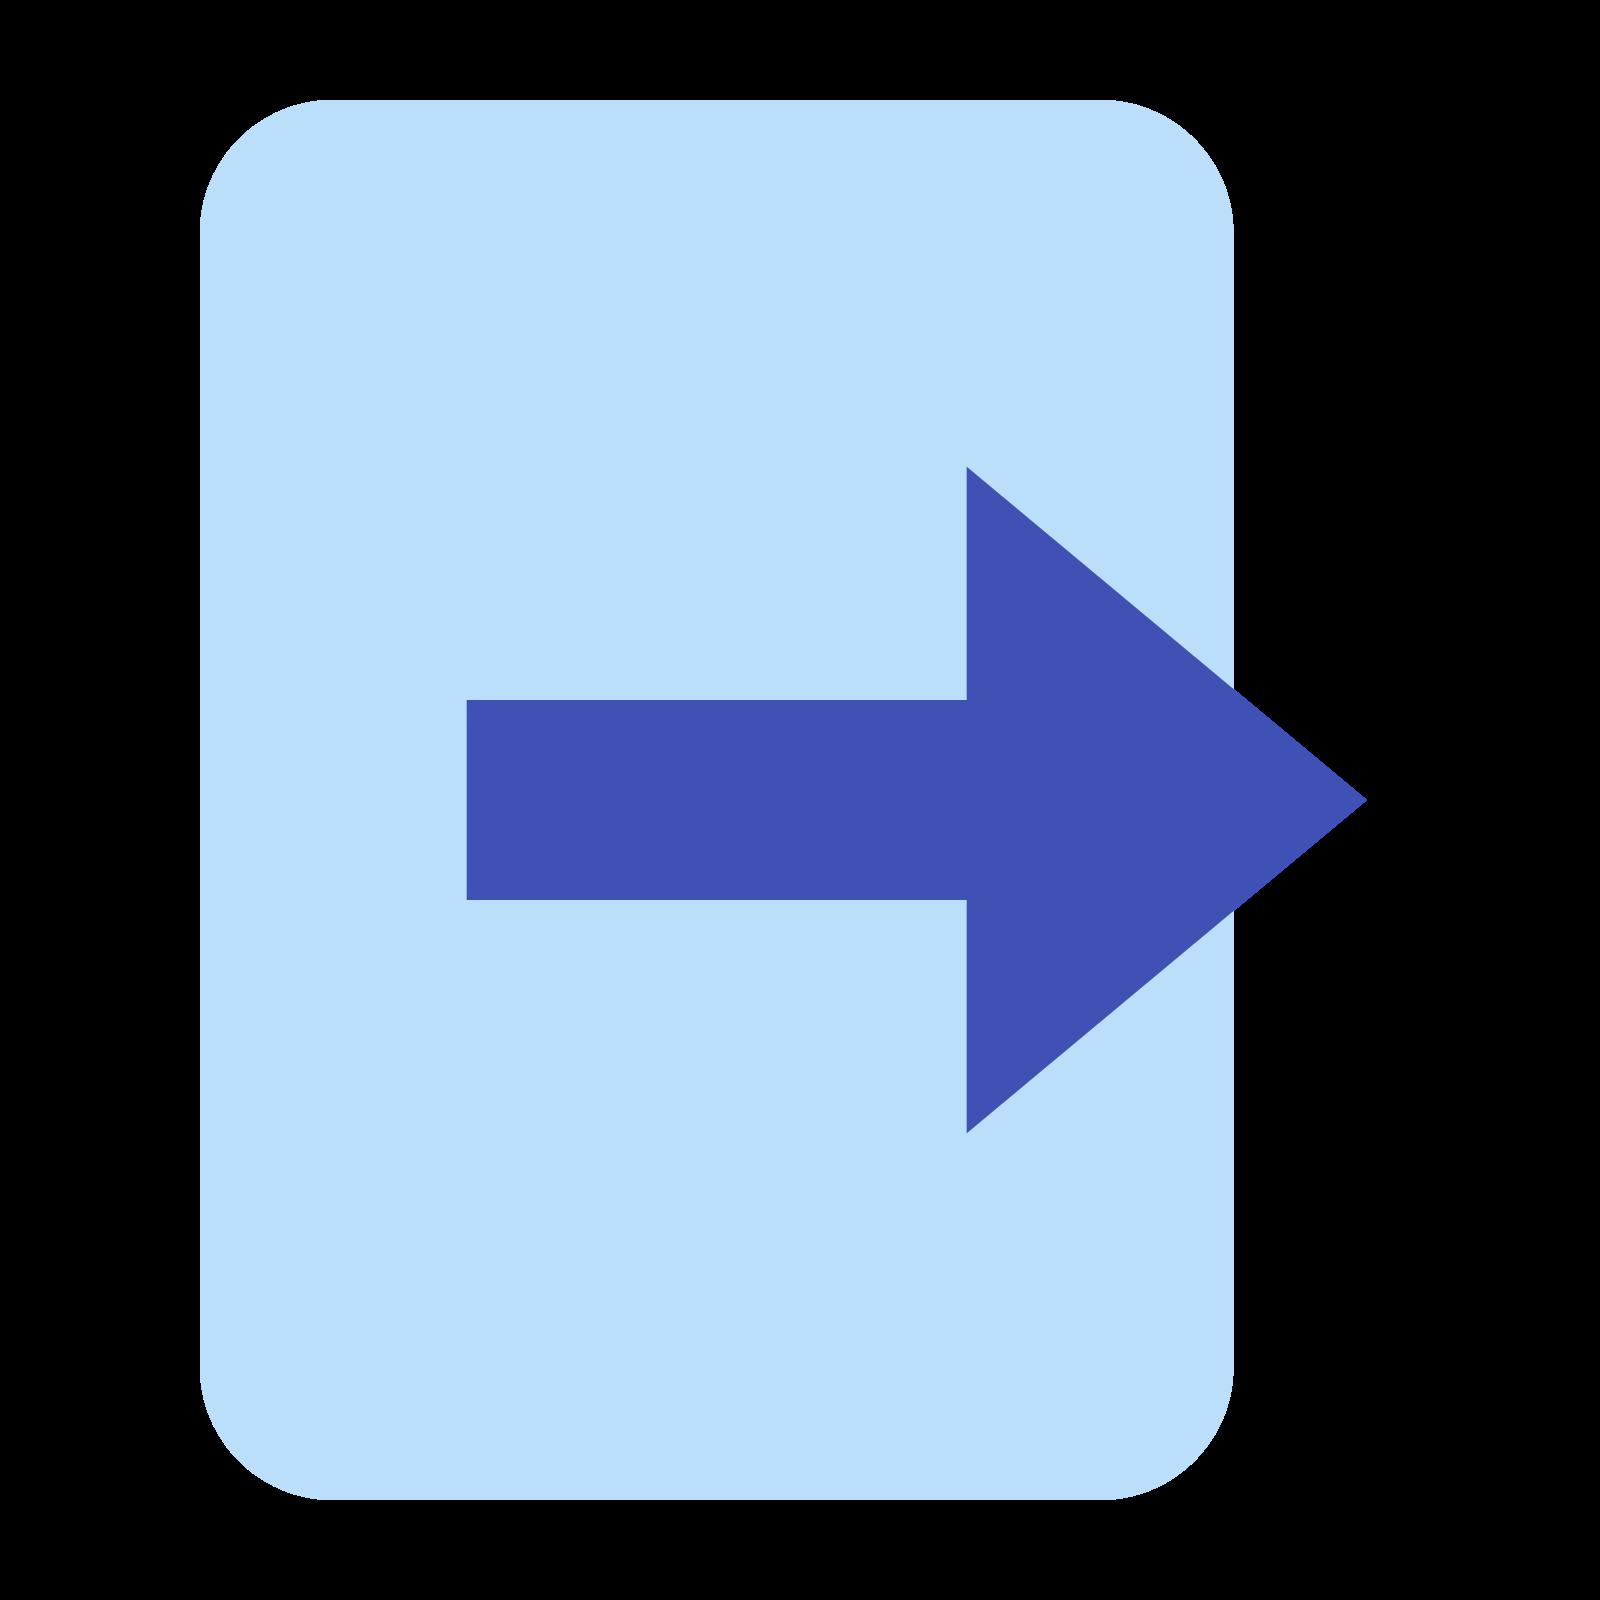 出口 icon. Consider a square with some part missing at the middle of the right side. There is an arrow pointing towards east or right side for which the tail starts from the center of square and head of arrow begins at the missing part on the right side of square.